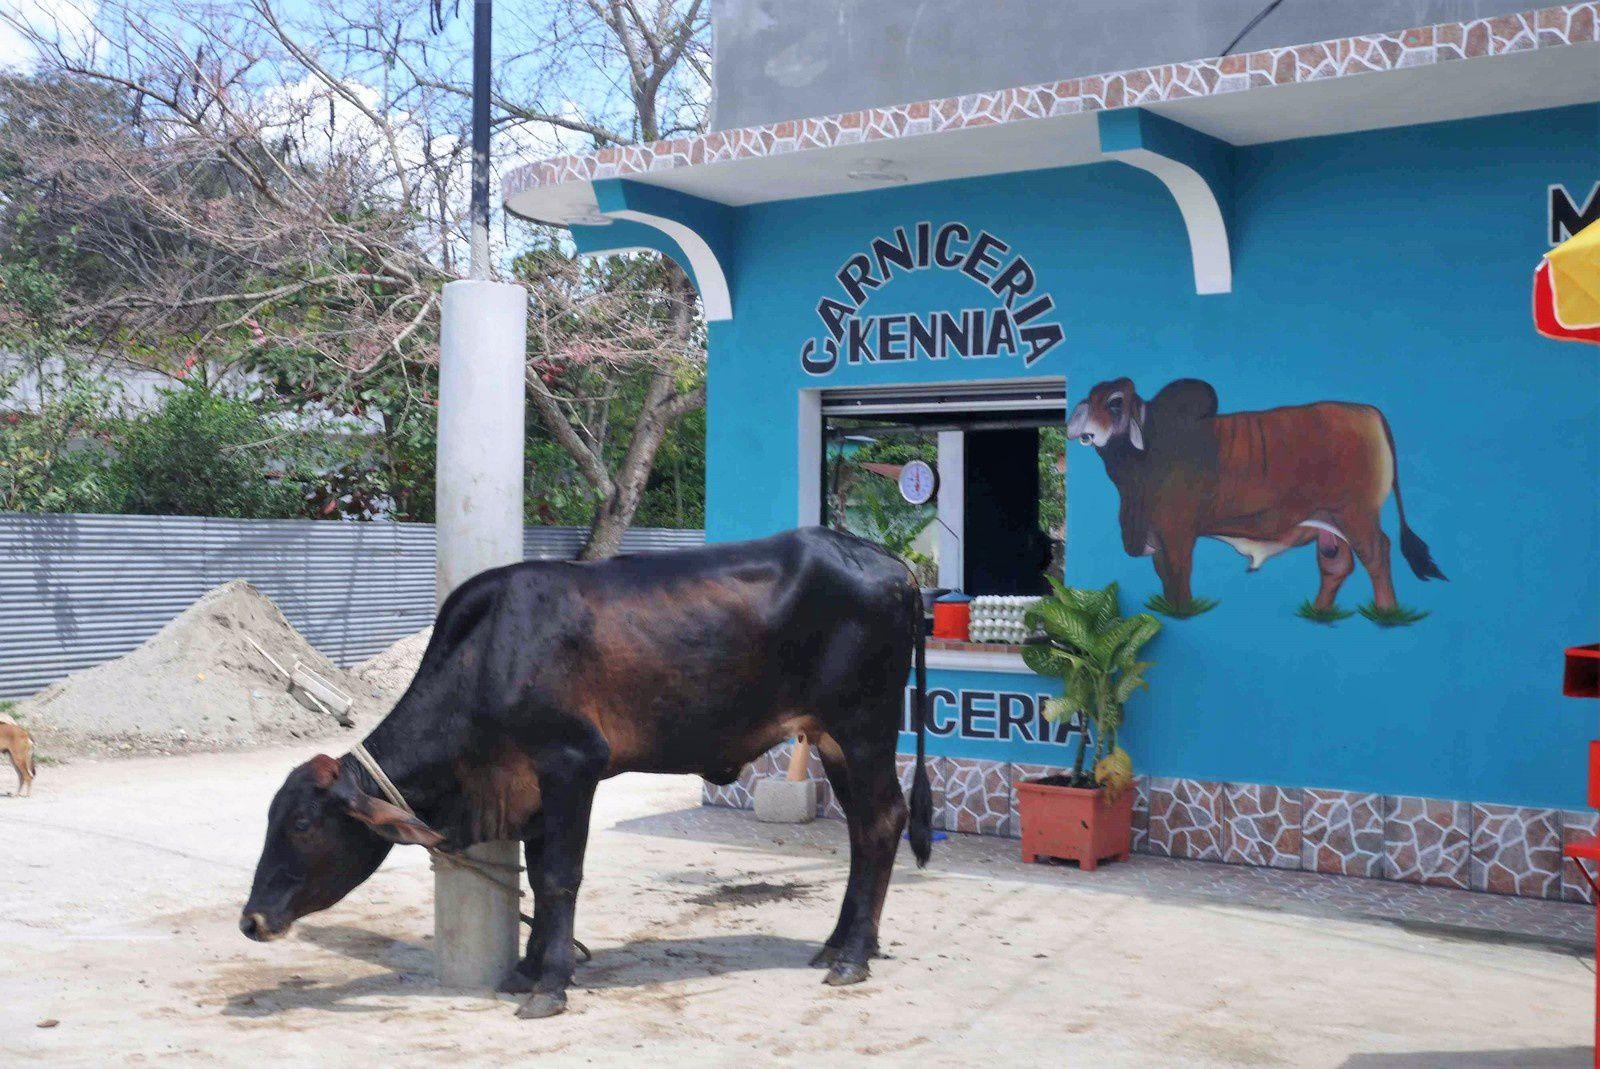 La vache est là, bien tranquille, ne se doutant pas de l'issue qui l'attend.